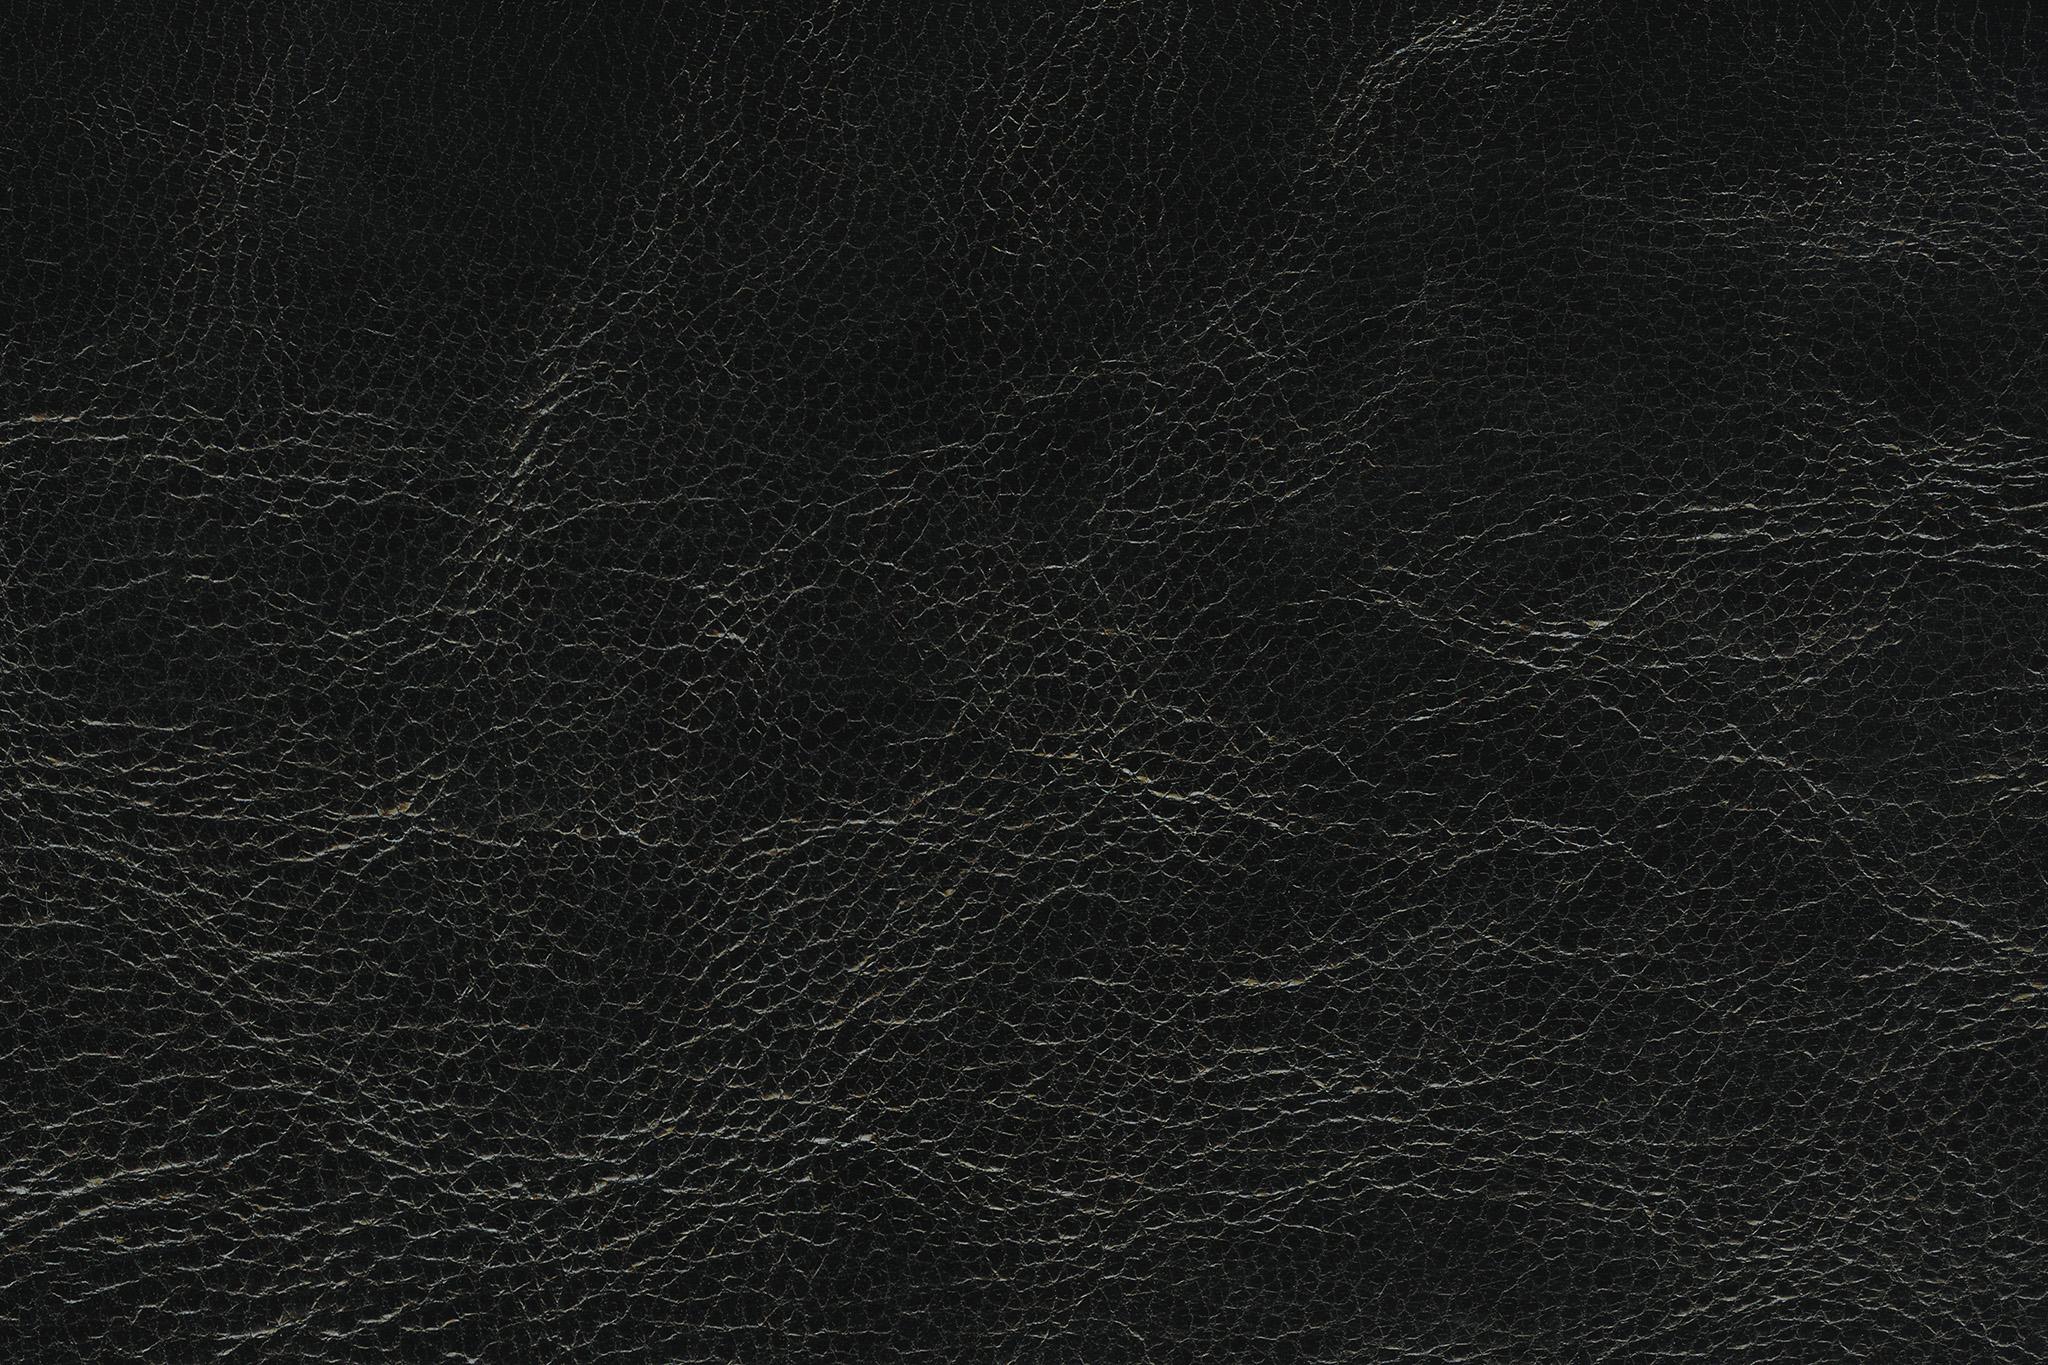 「艶のあるブラックレザー」